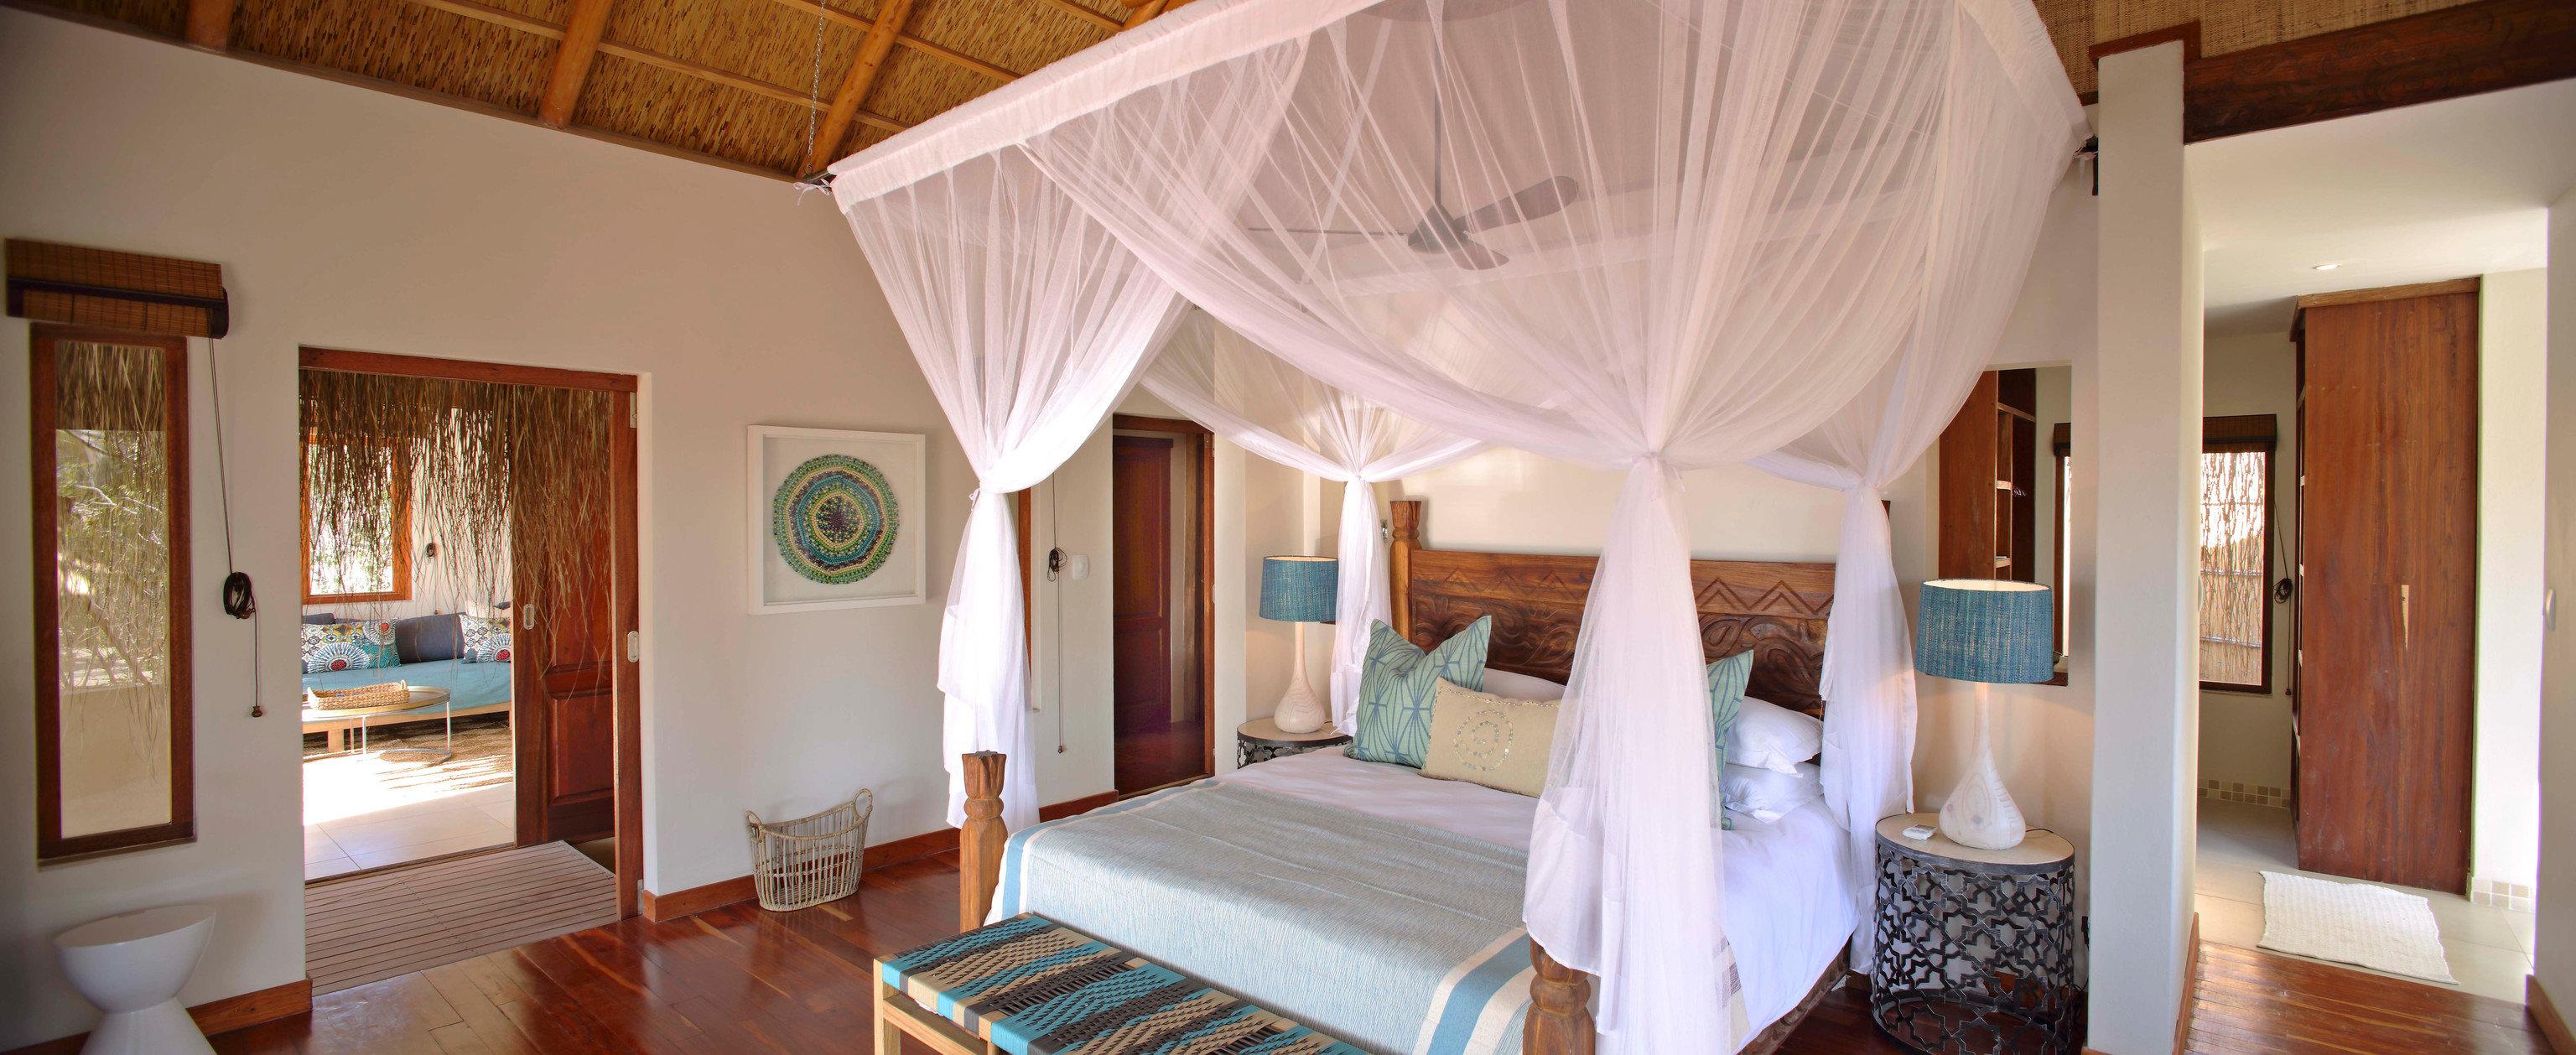 property Villa cottage Resort home Suite Bedroom